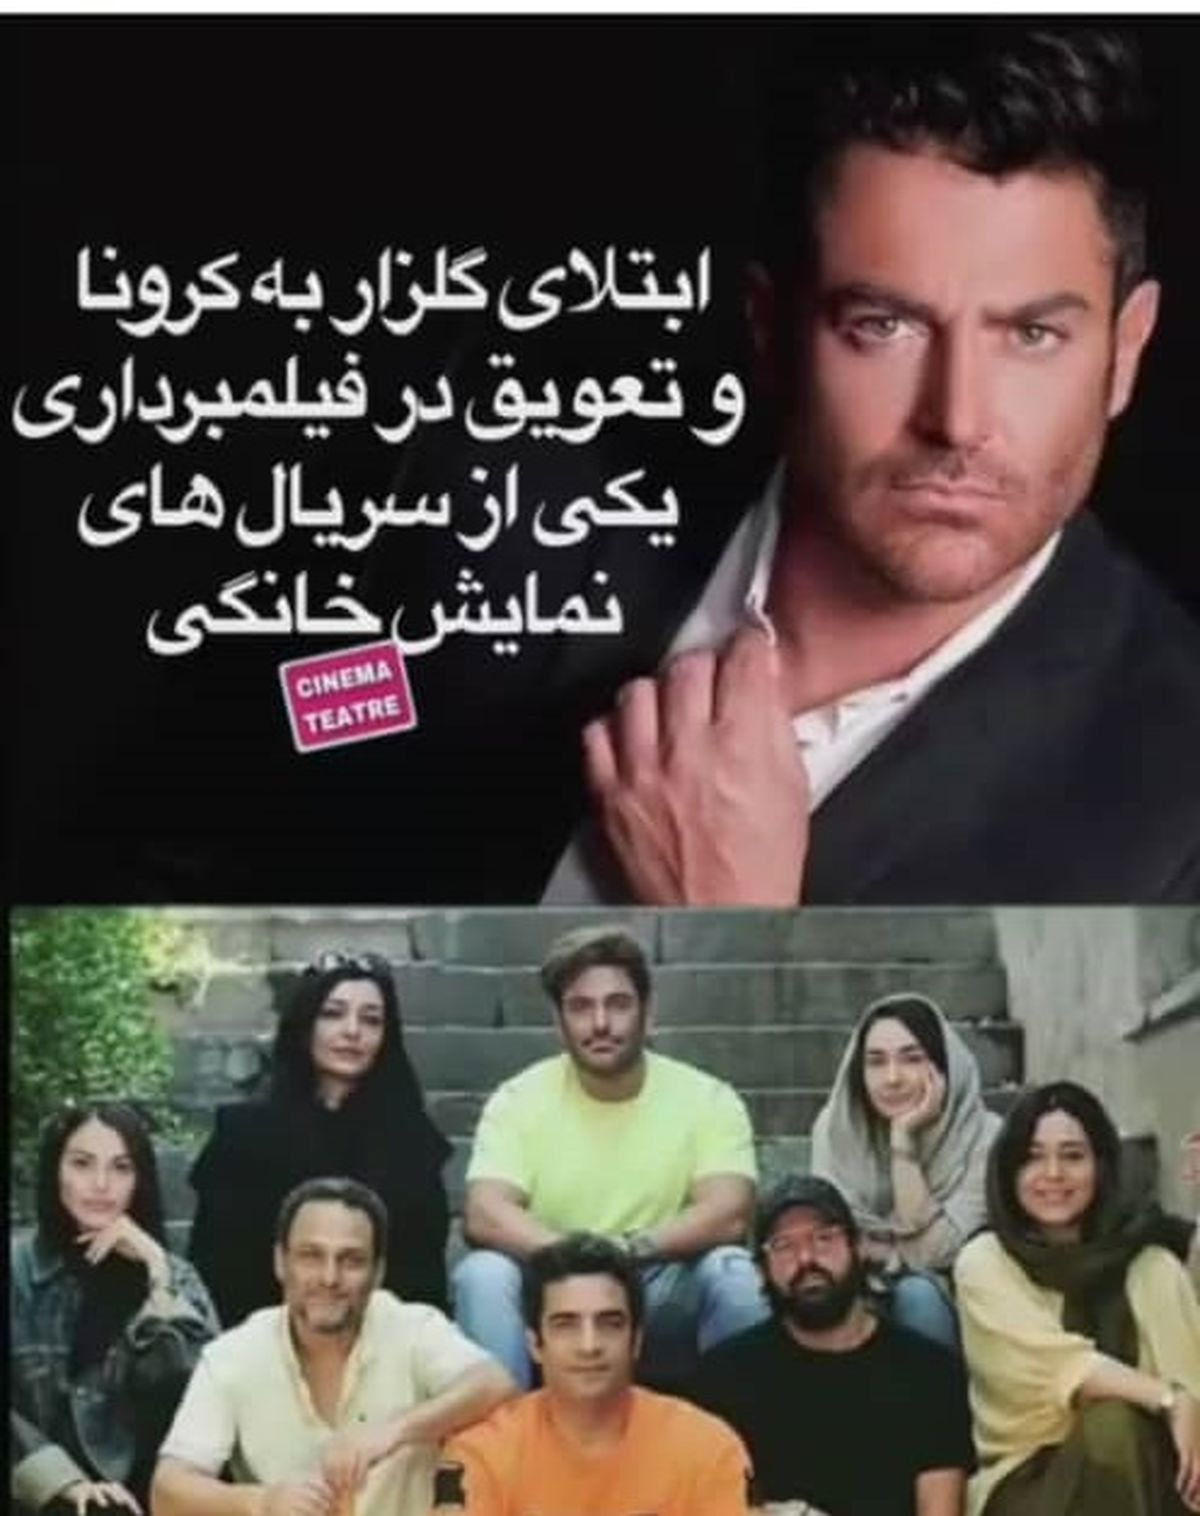 محمدرضا گلزار به کرونا مبتلا شد + فیلم صحبت روی تخت بیمارستان